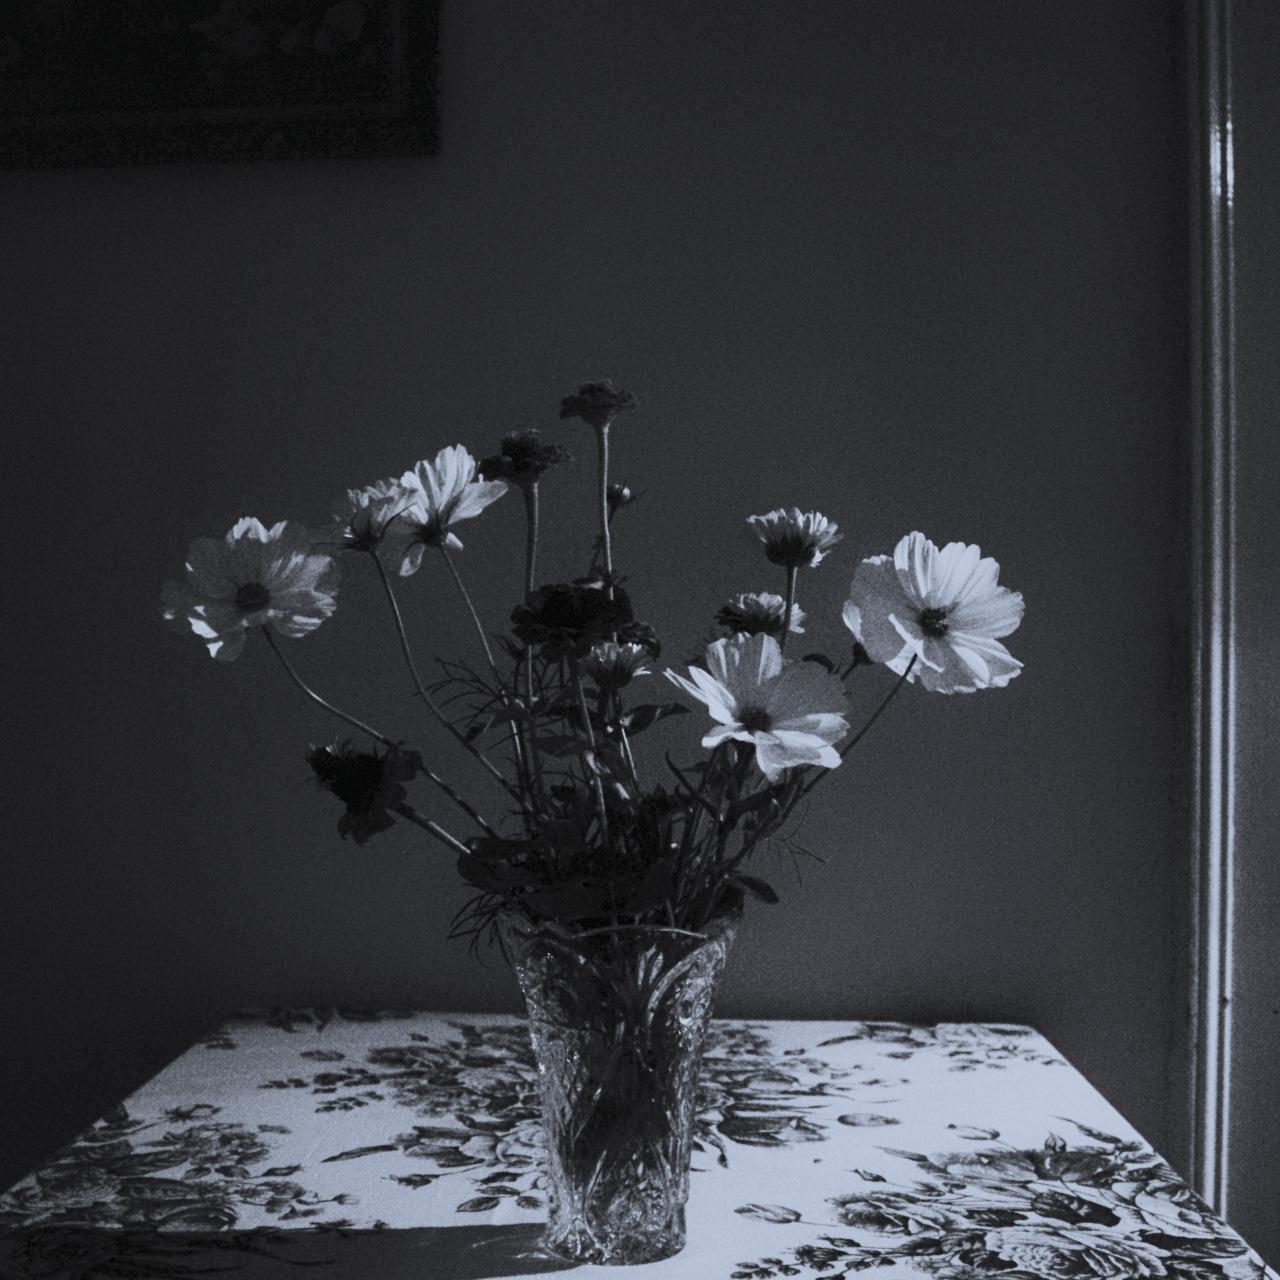 Virágok, vázában